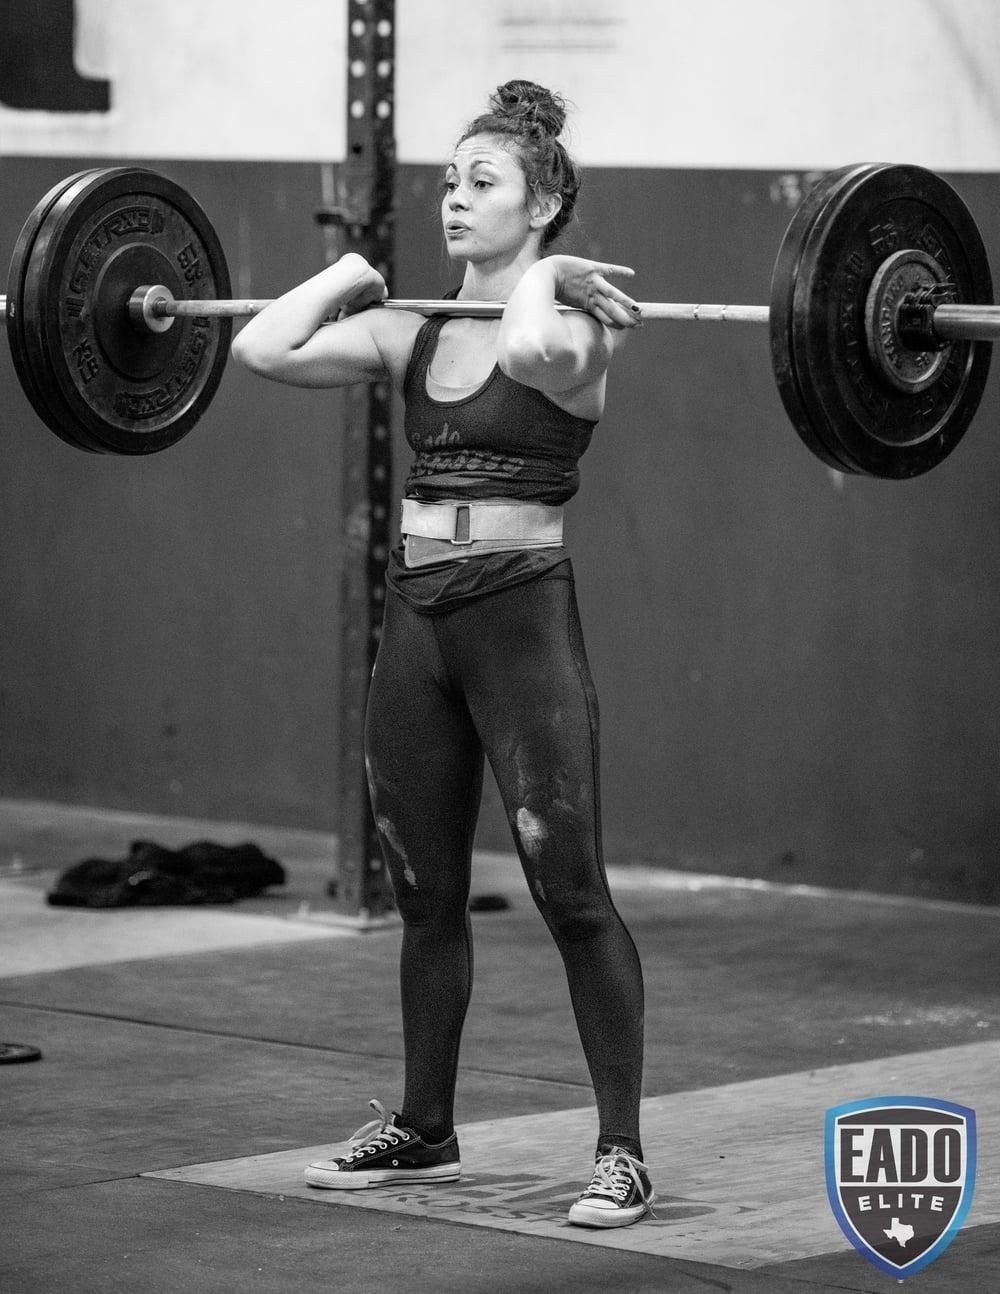 EaDo Elite Athlete Leah Massner  Phoyo Credit: Sierra Prime